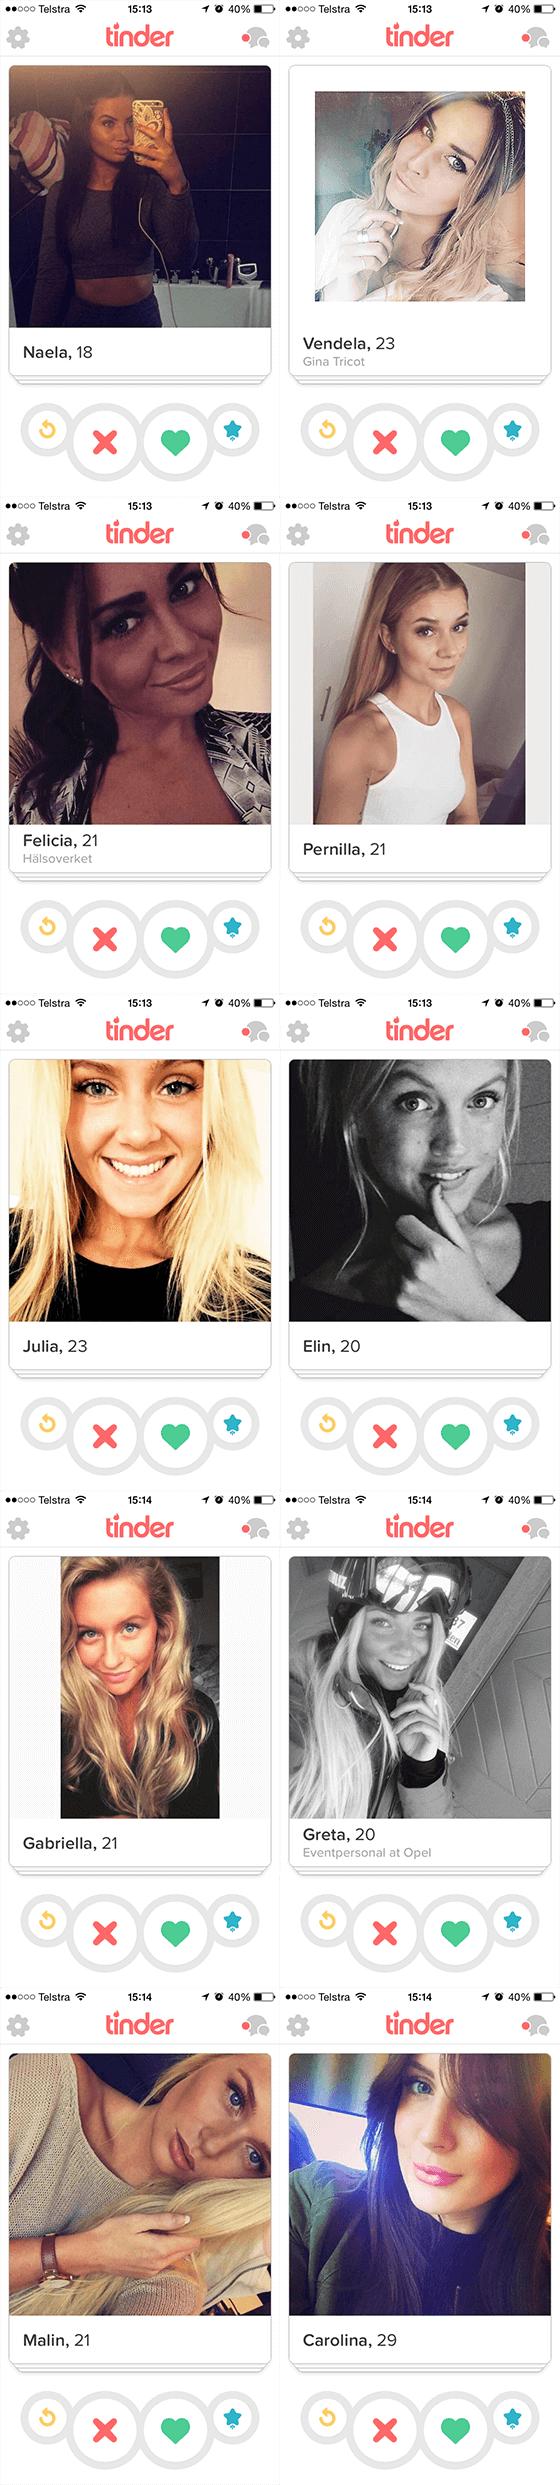 Hottest-Popular-Tinder-women-in-Stockholm-Sweden